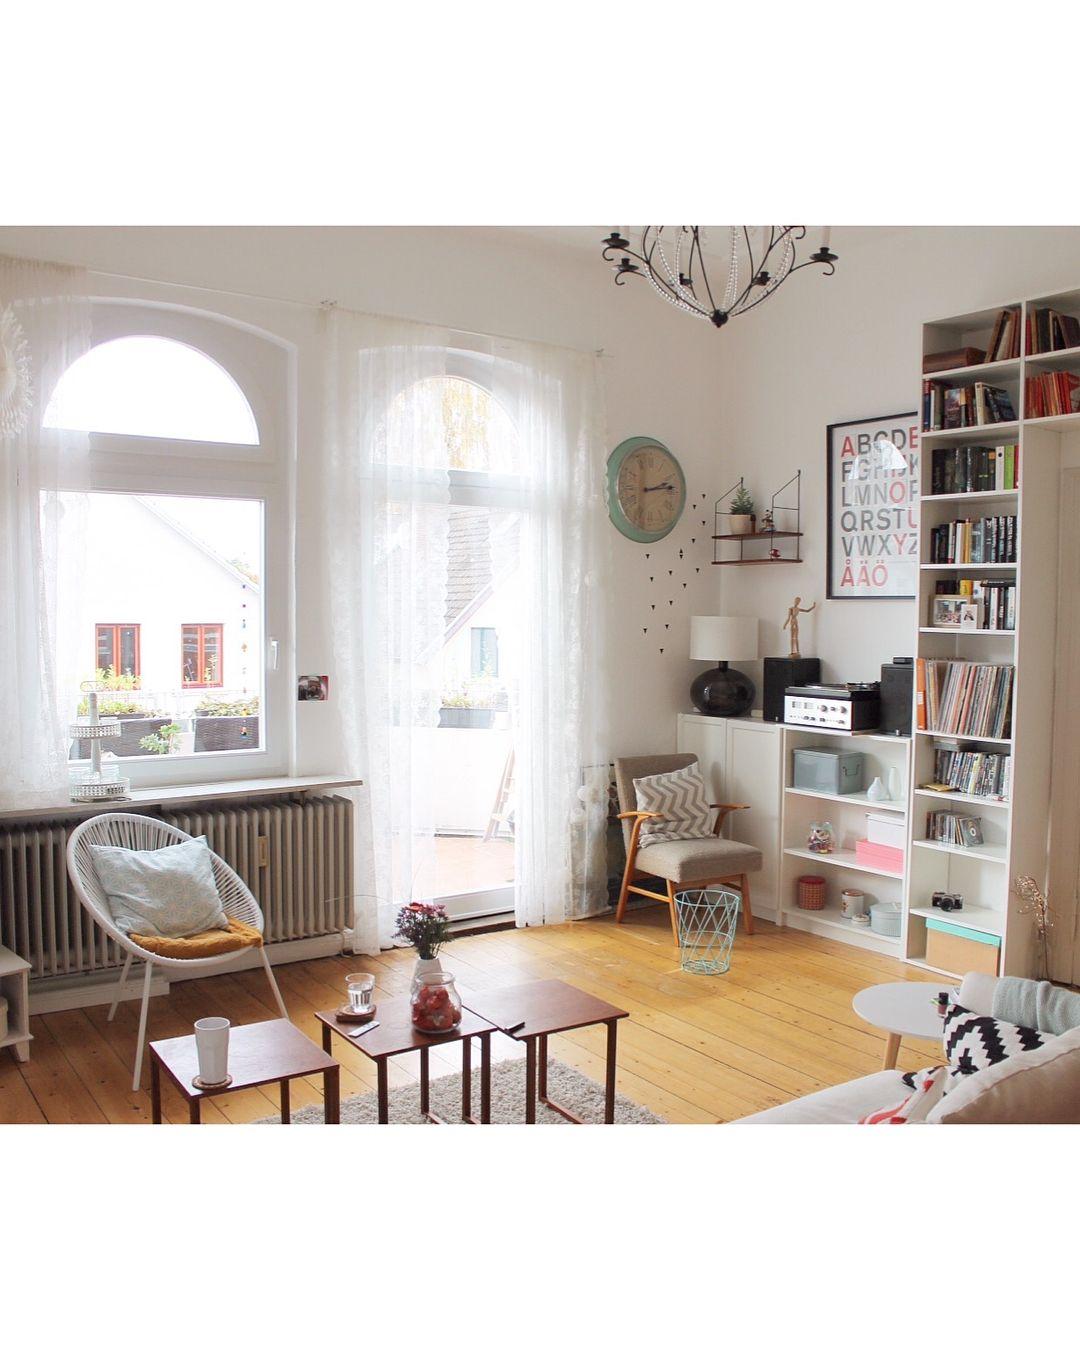 Gefallt 538 Mal 19 Kommentare Lara Be Laramaari Auf Instagram Unser Selbstgebautes Bucherregal Auf Bild 1 In Unserer Ersten W Haus Haus Deko Zimmer